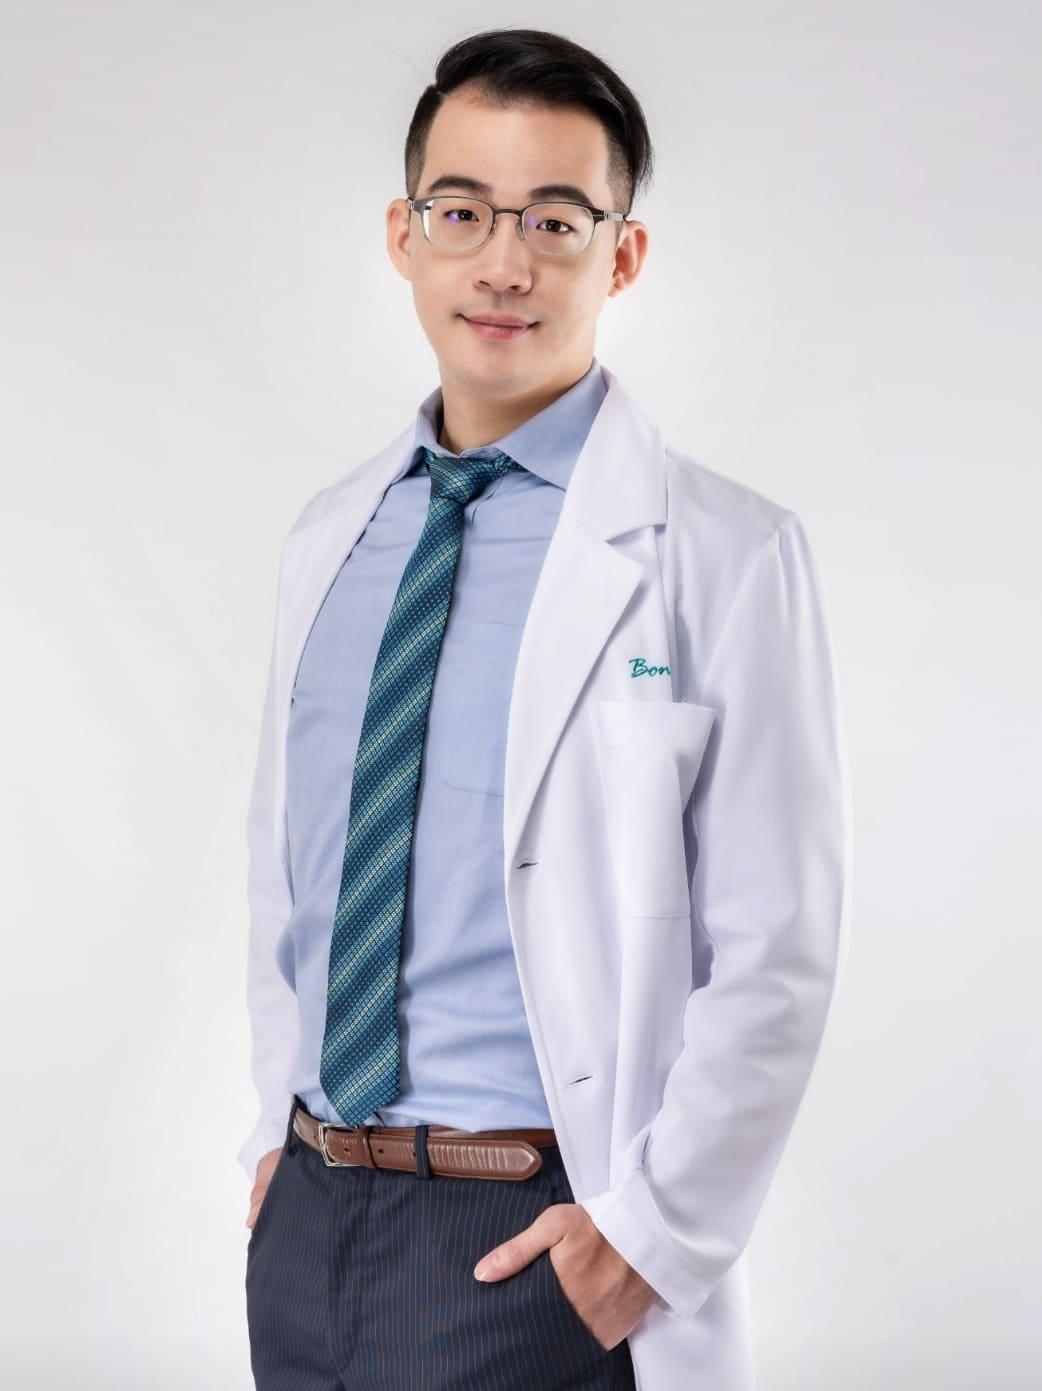 泓泰牙醫診所 - Dent&Co 預約你的專屬牙醫師